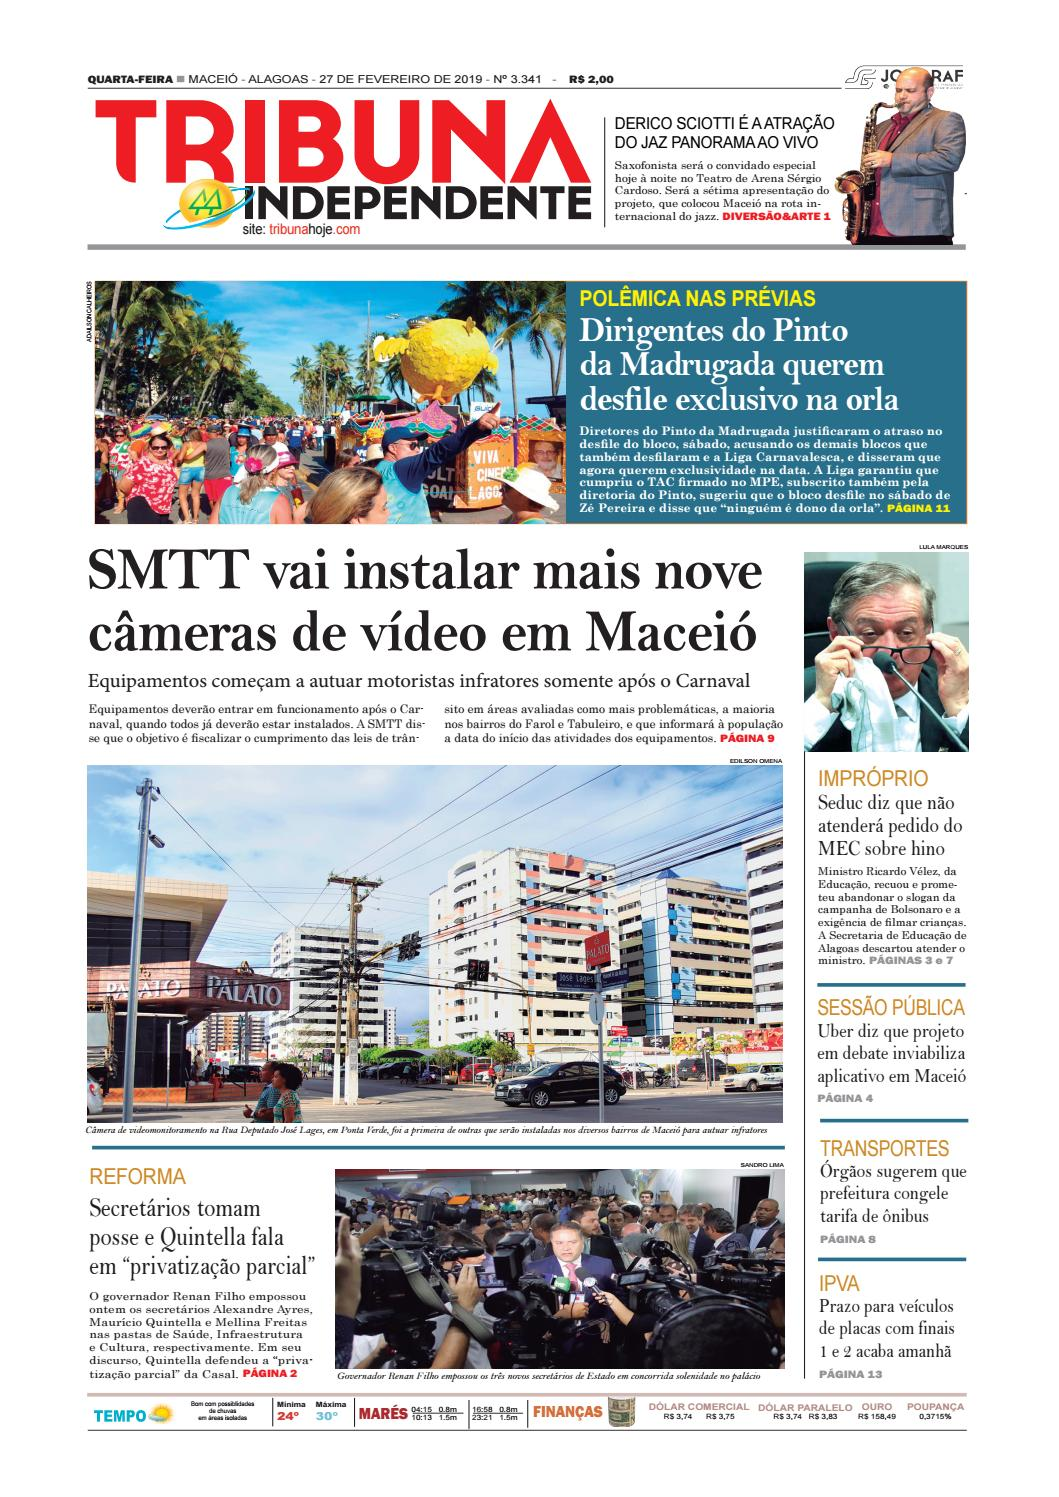 103a92575968d Edição número 3341 - 27 de fevereiro de 2019 by Tribuna Hoje - issuu